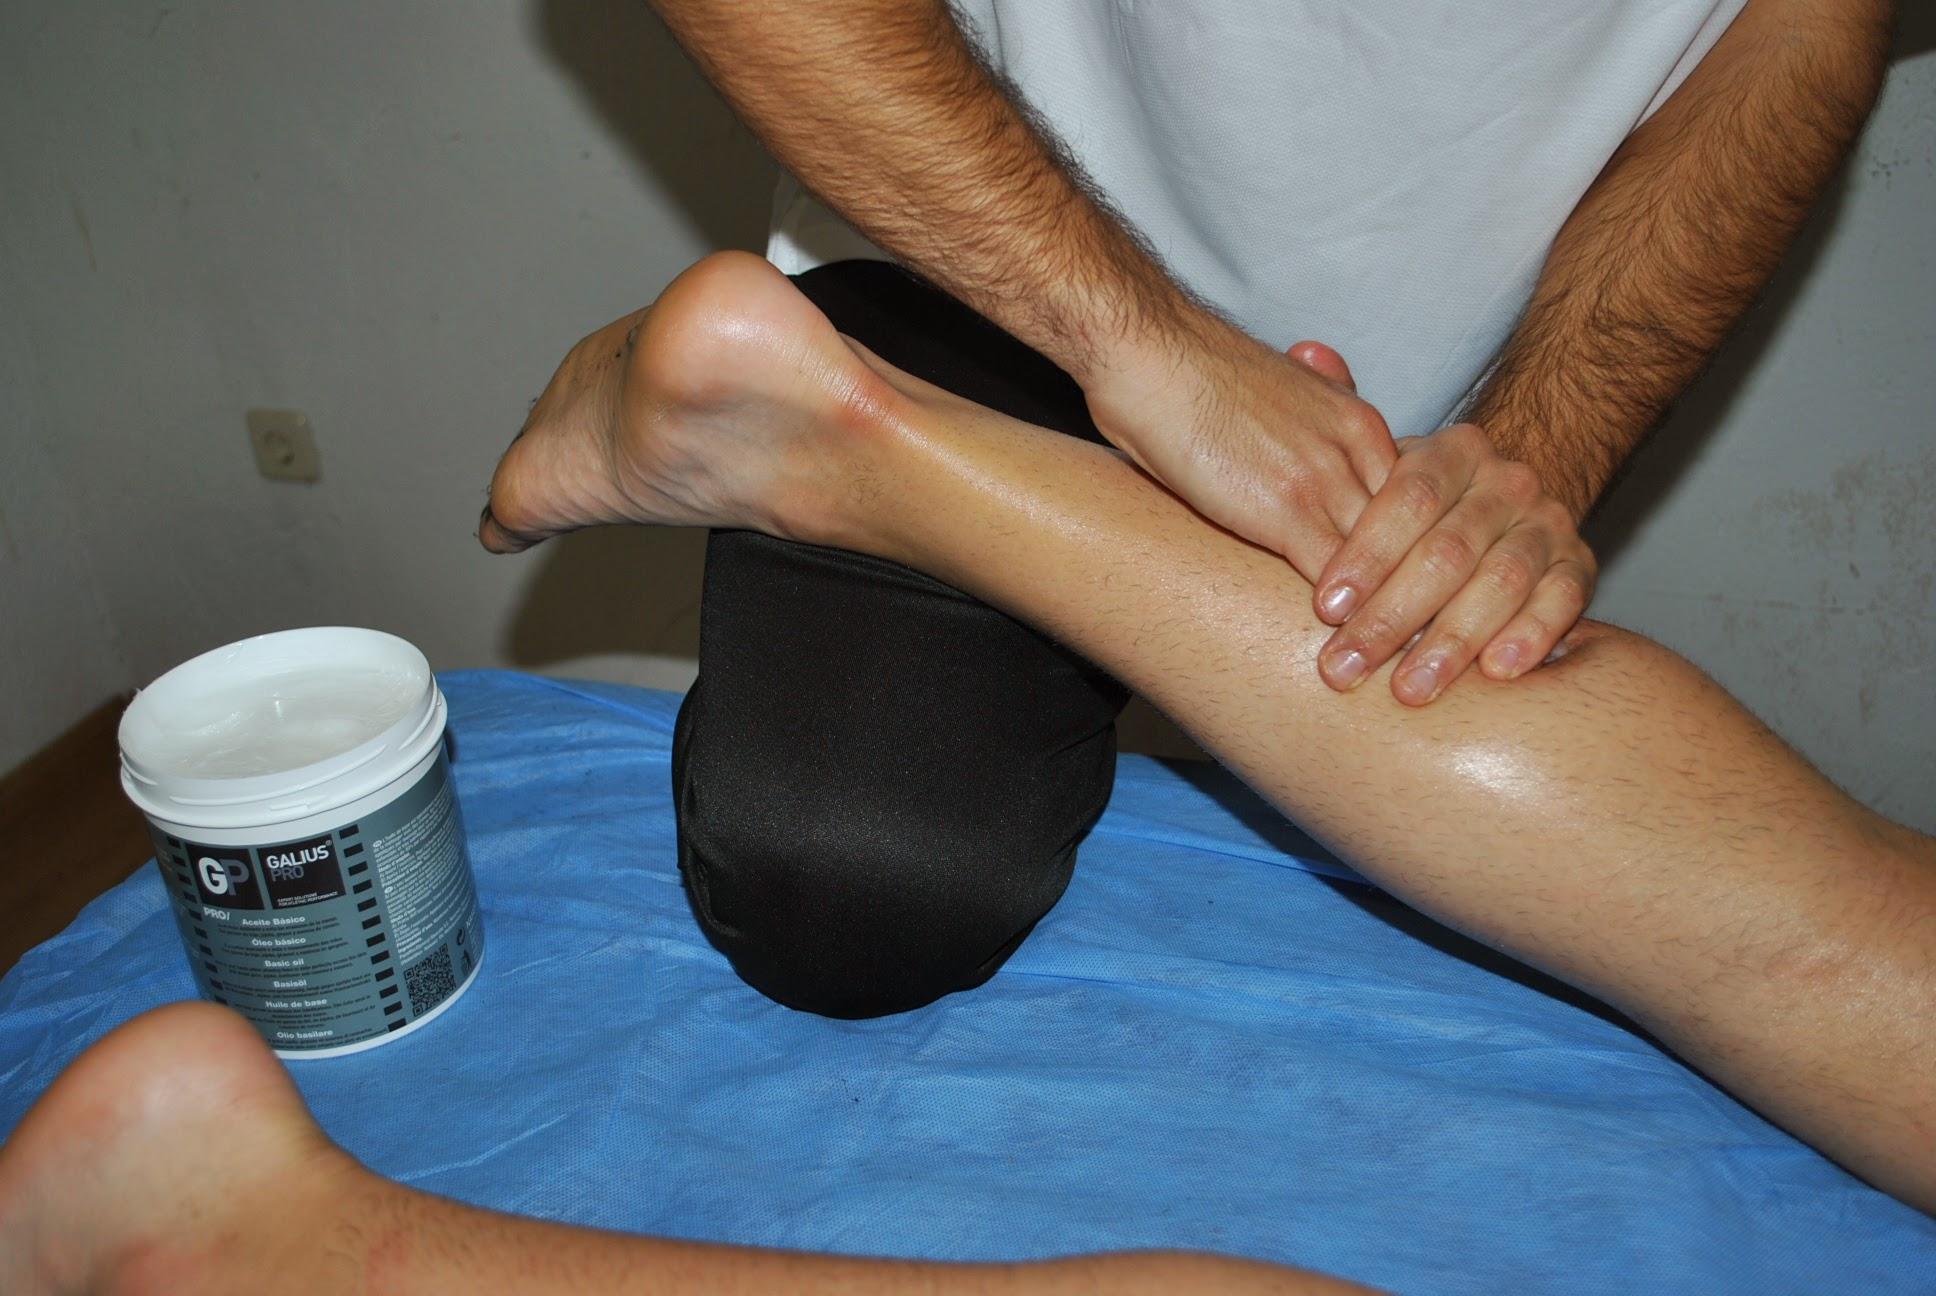 El servicio de fisioterapia en la Escuela finaliza esta semana y se reanudará al principio de la temporada que viene